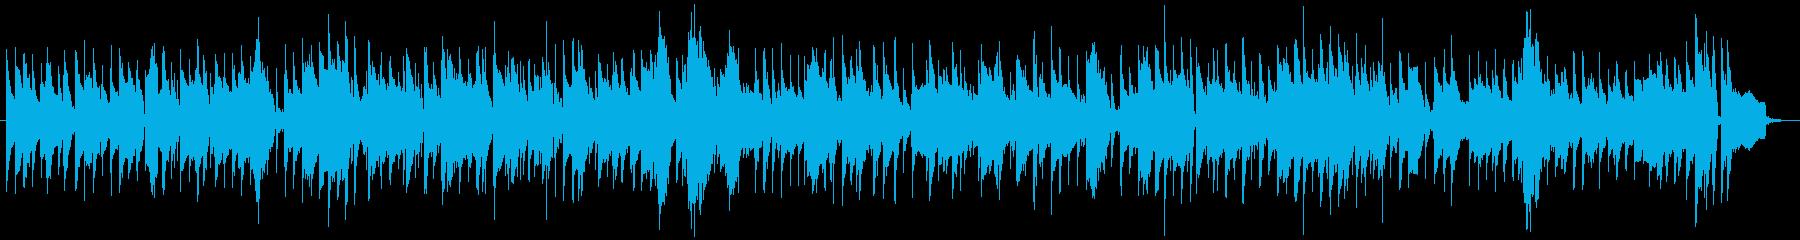 ムーディーなスロージャズバラードの再生済みの波形